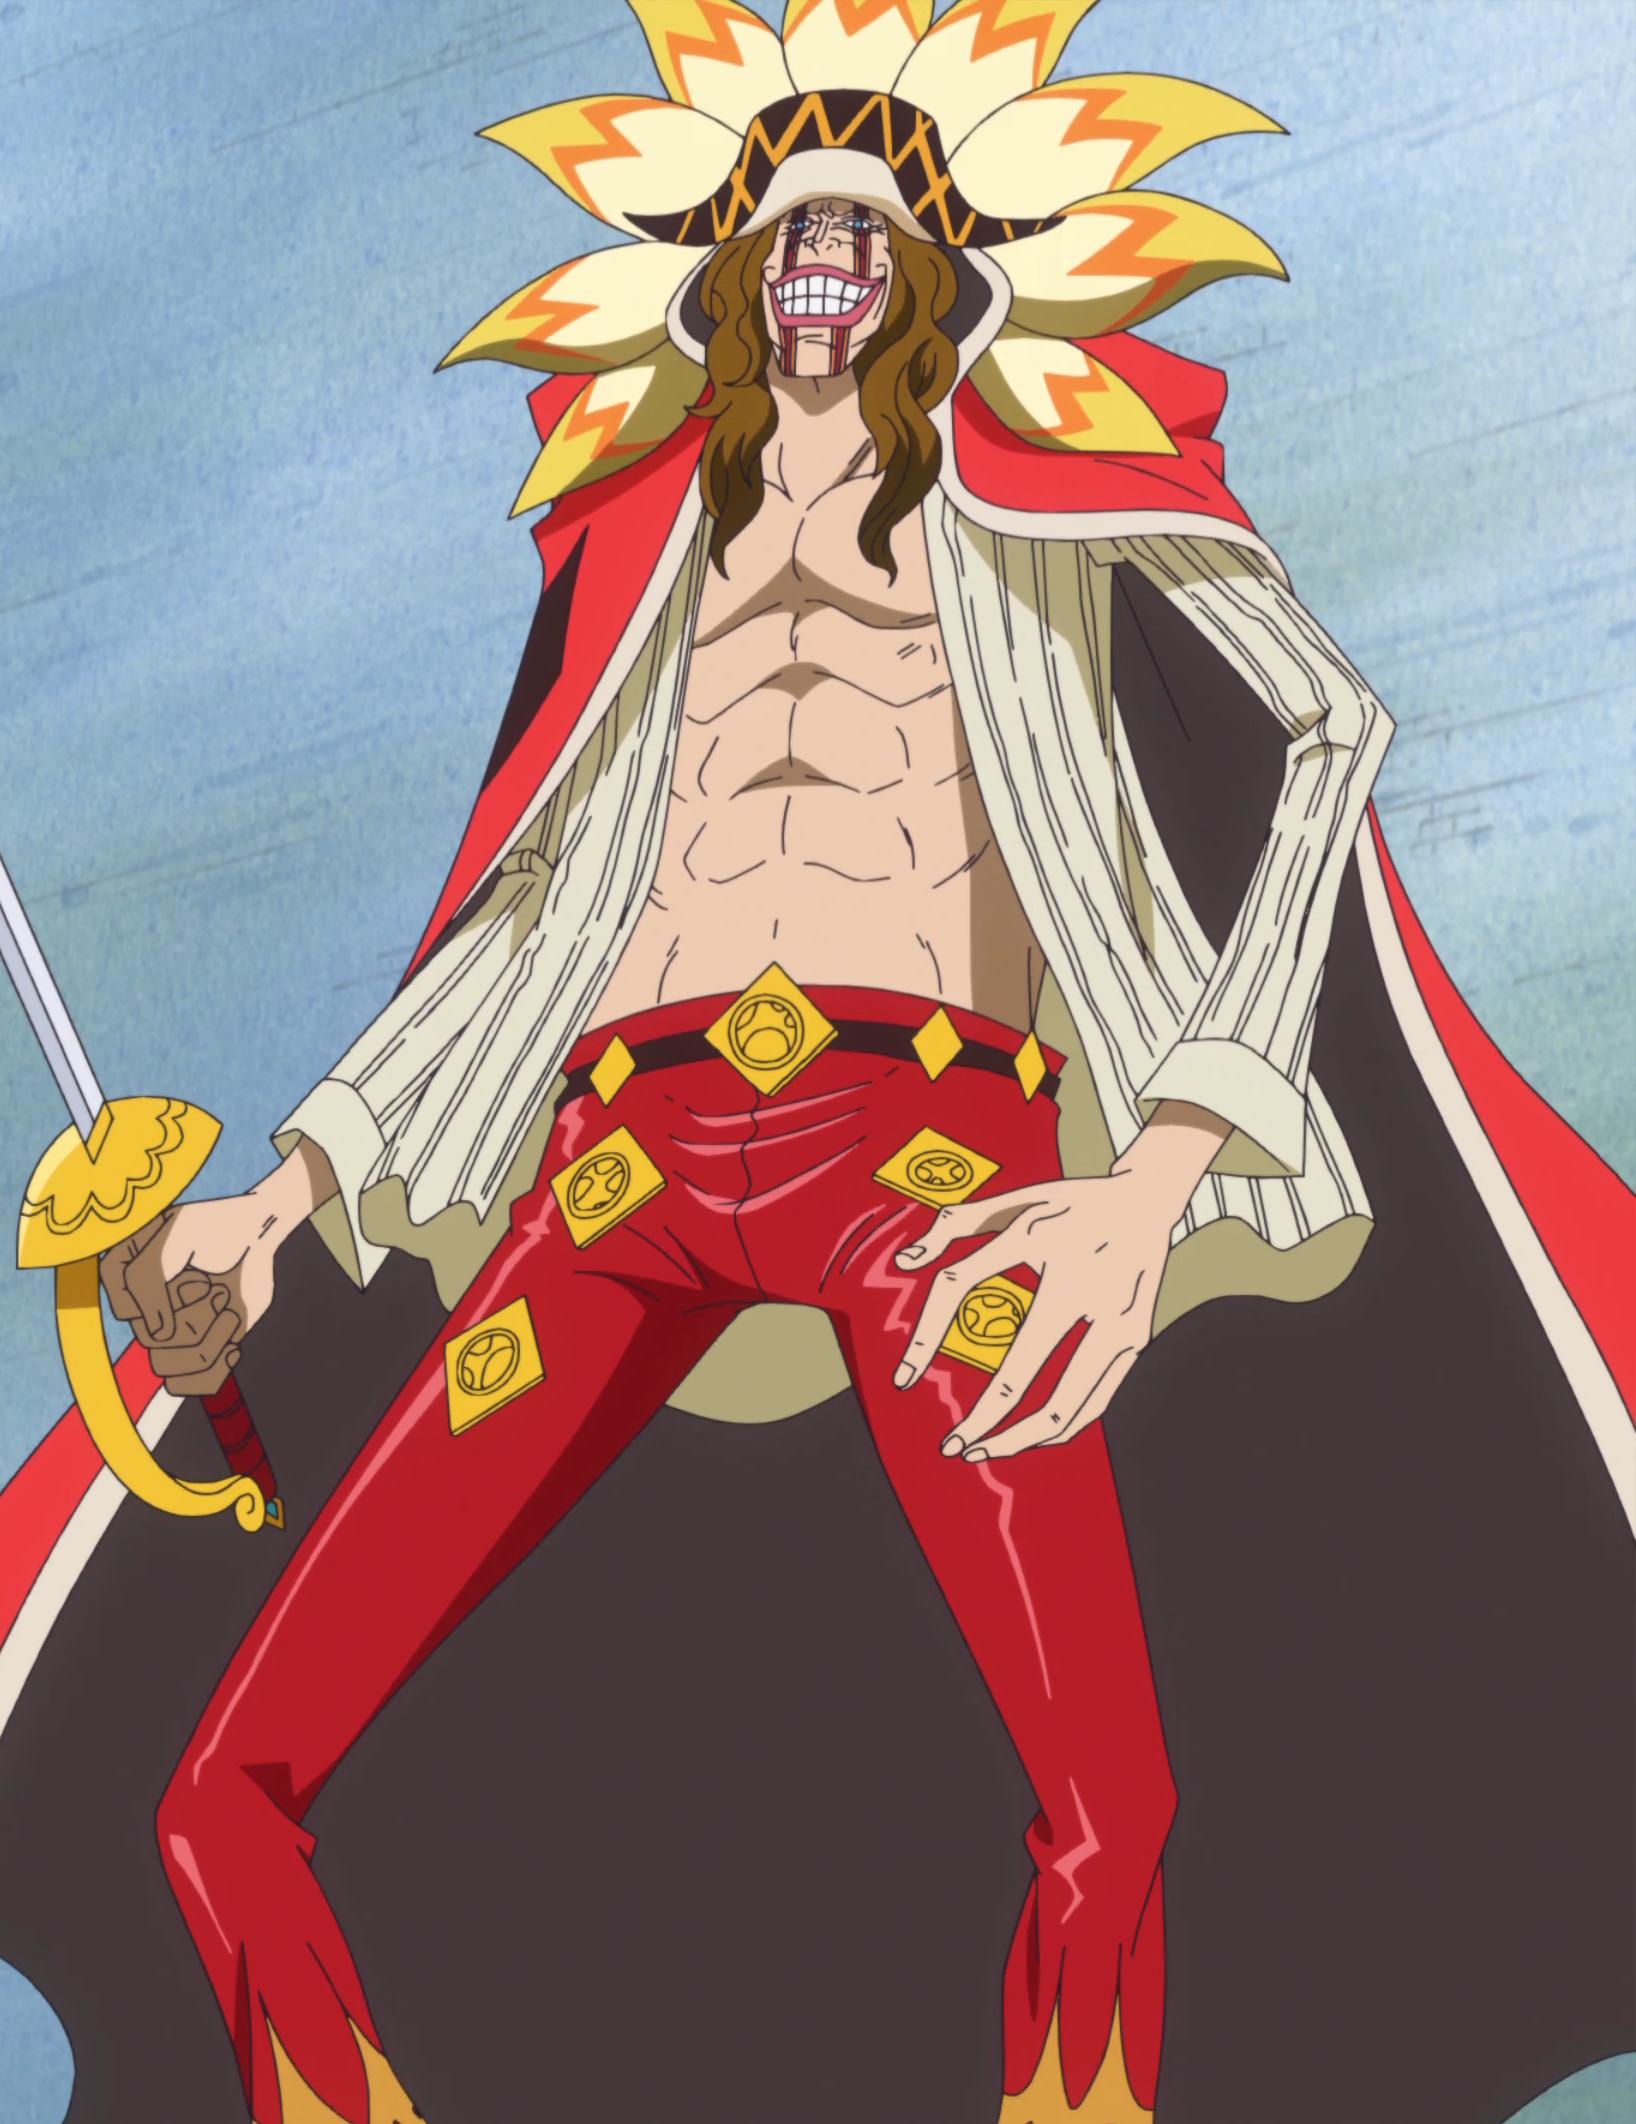 Diamante | One Piece Català Wiki | FANDOM powered by Wikia